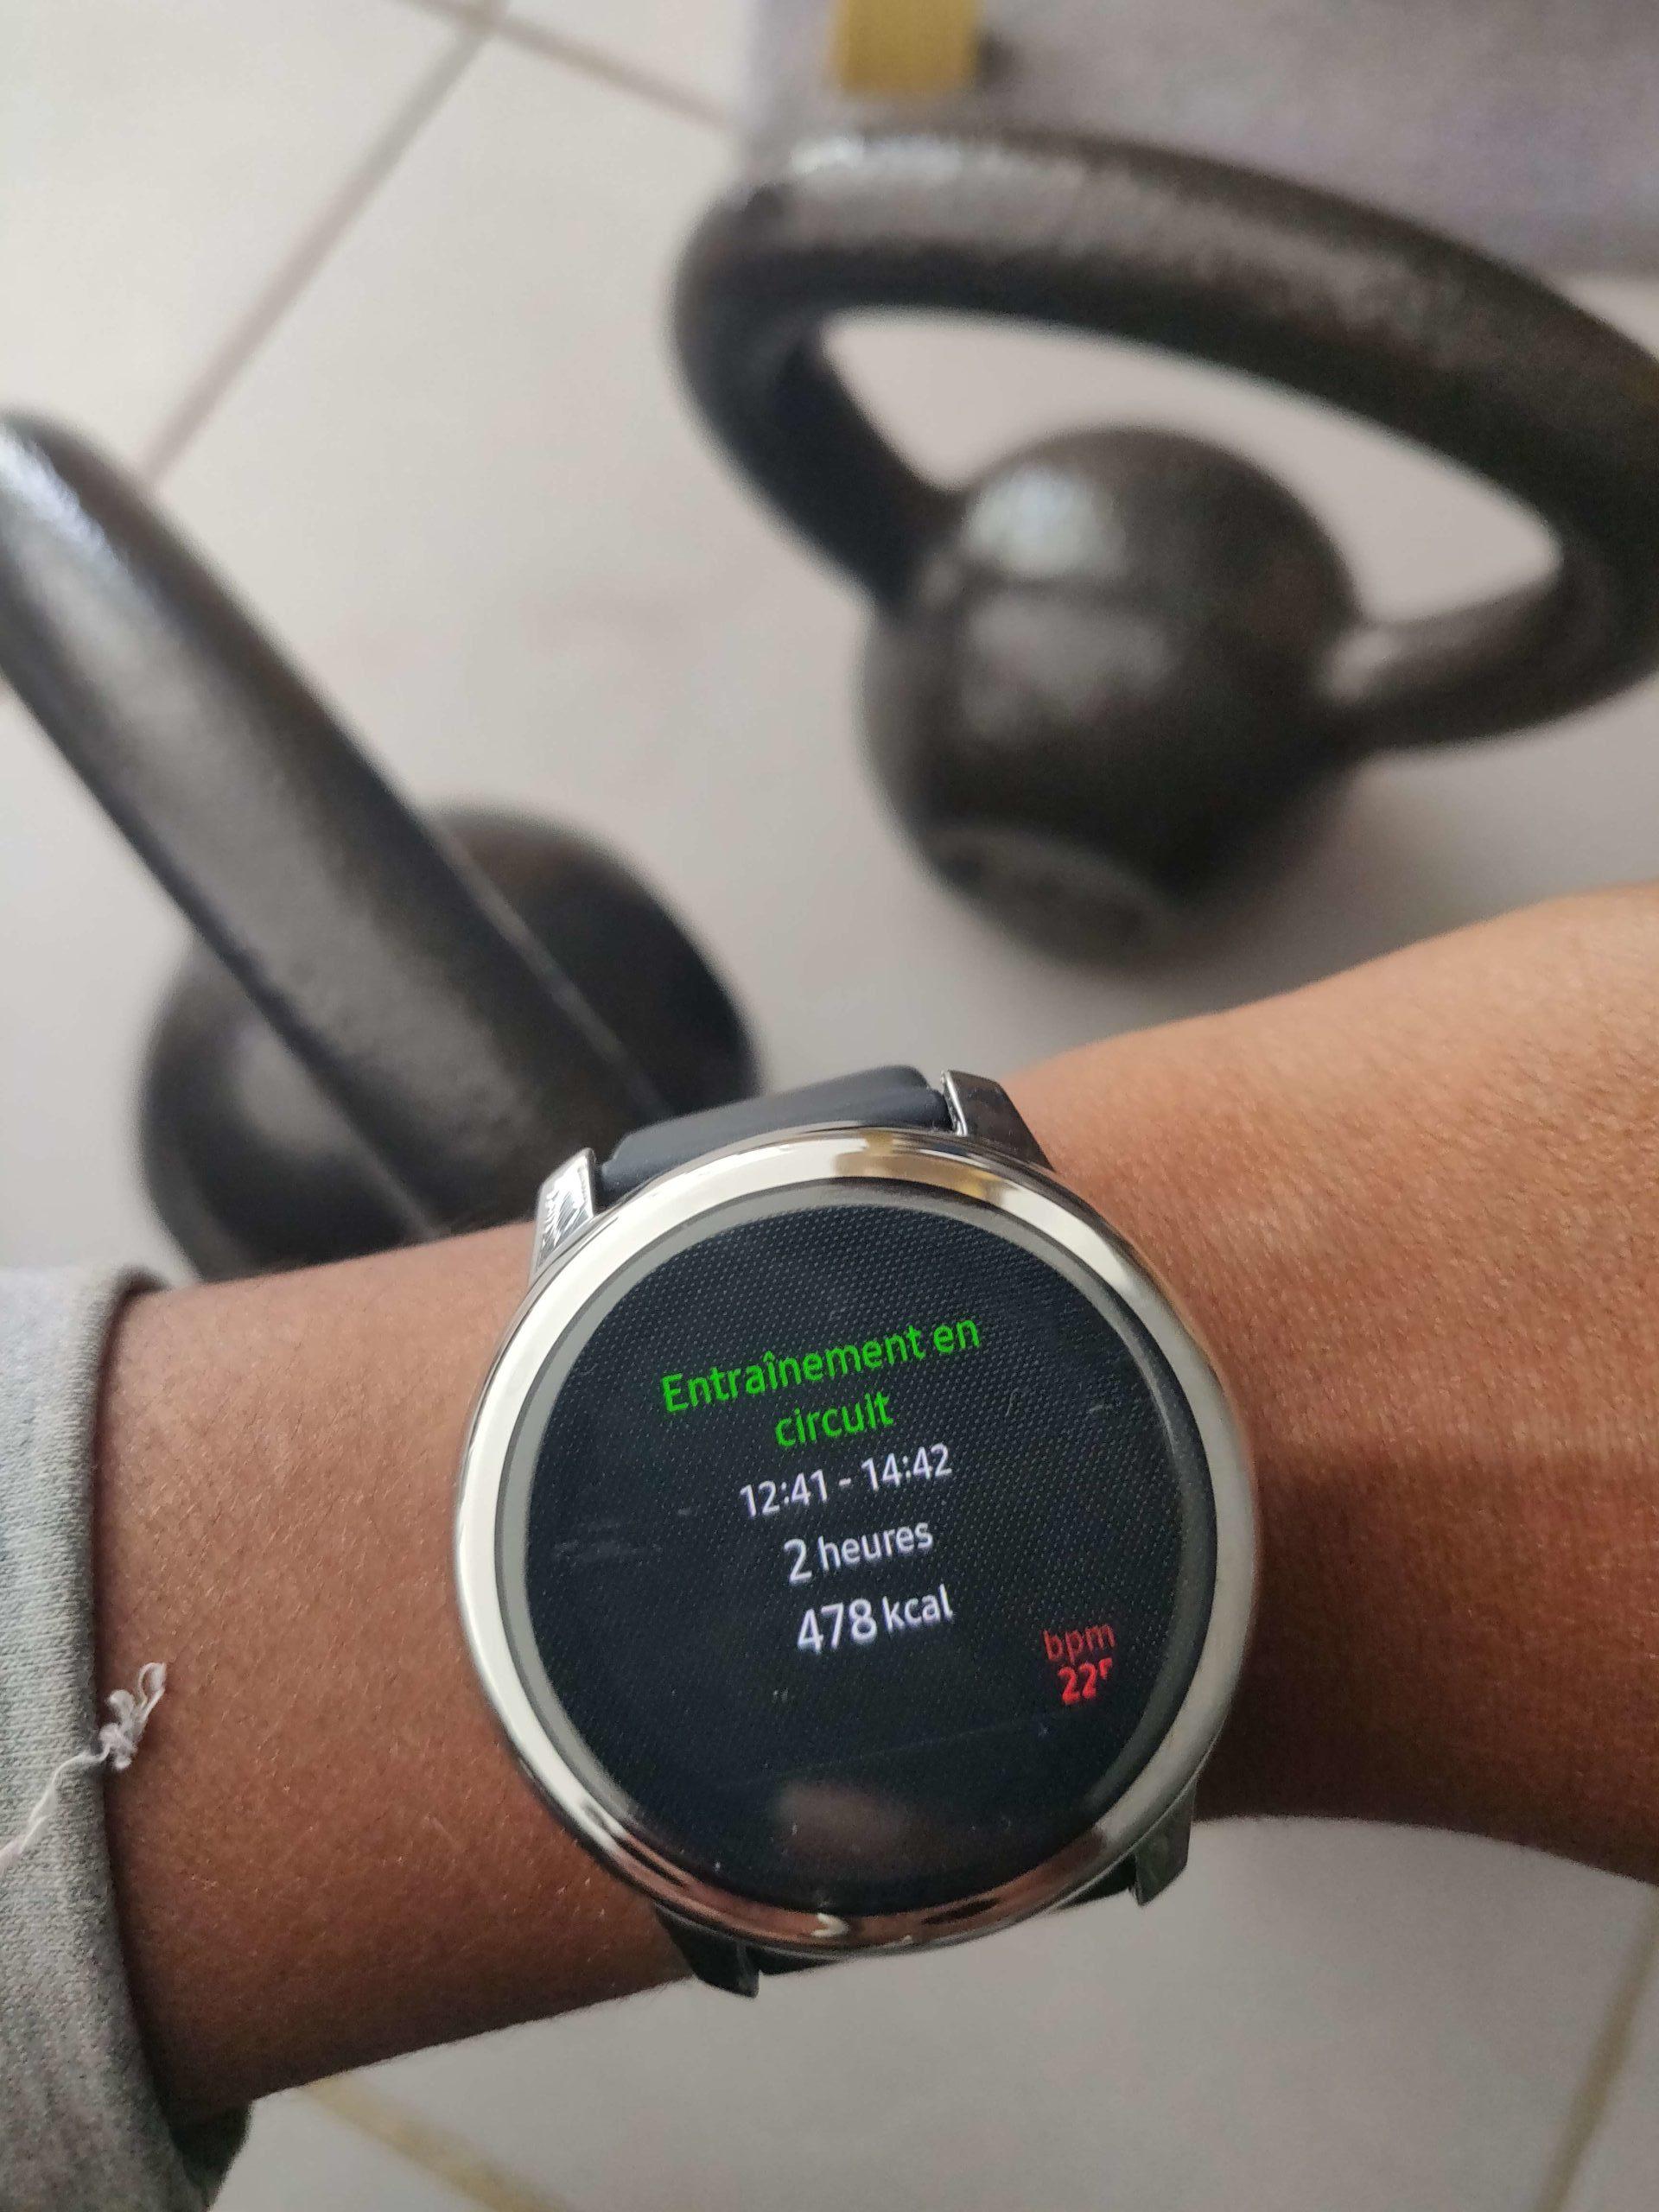 montre connectée samsung active watch avec le détail de mon activité sportive